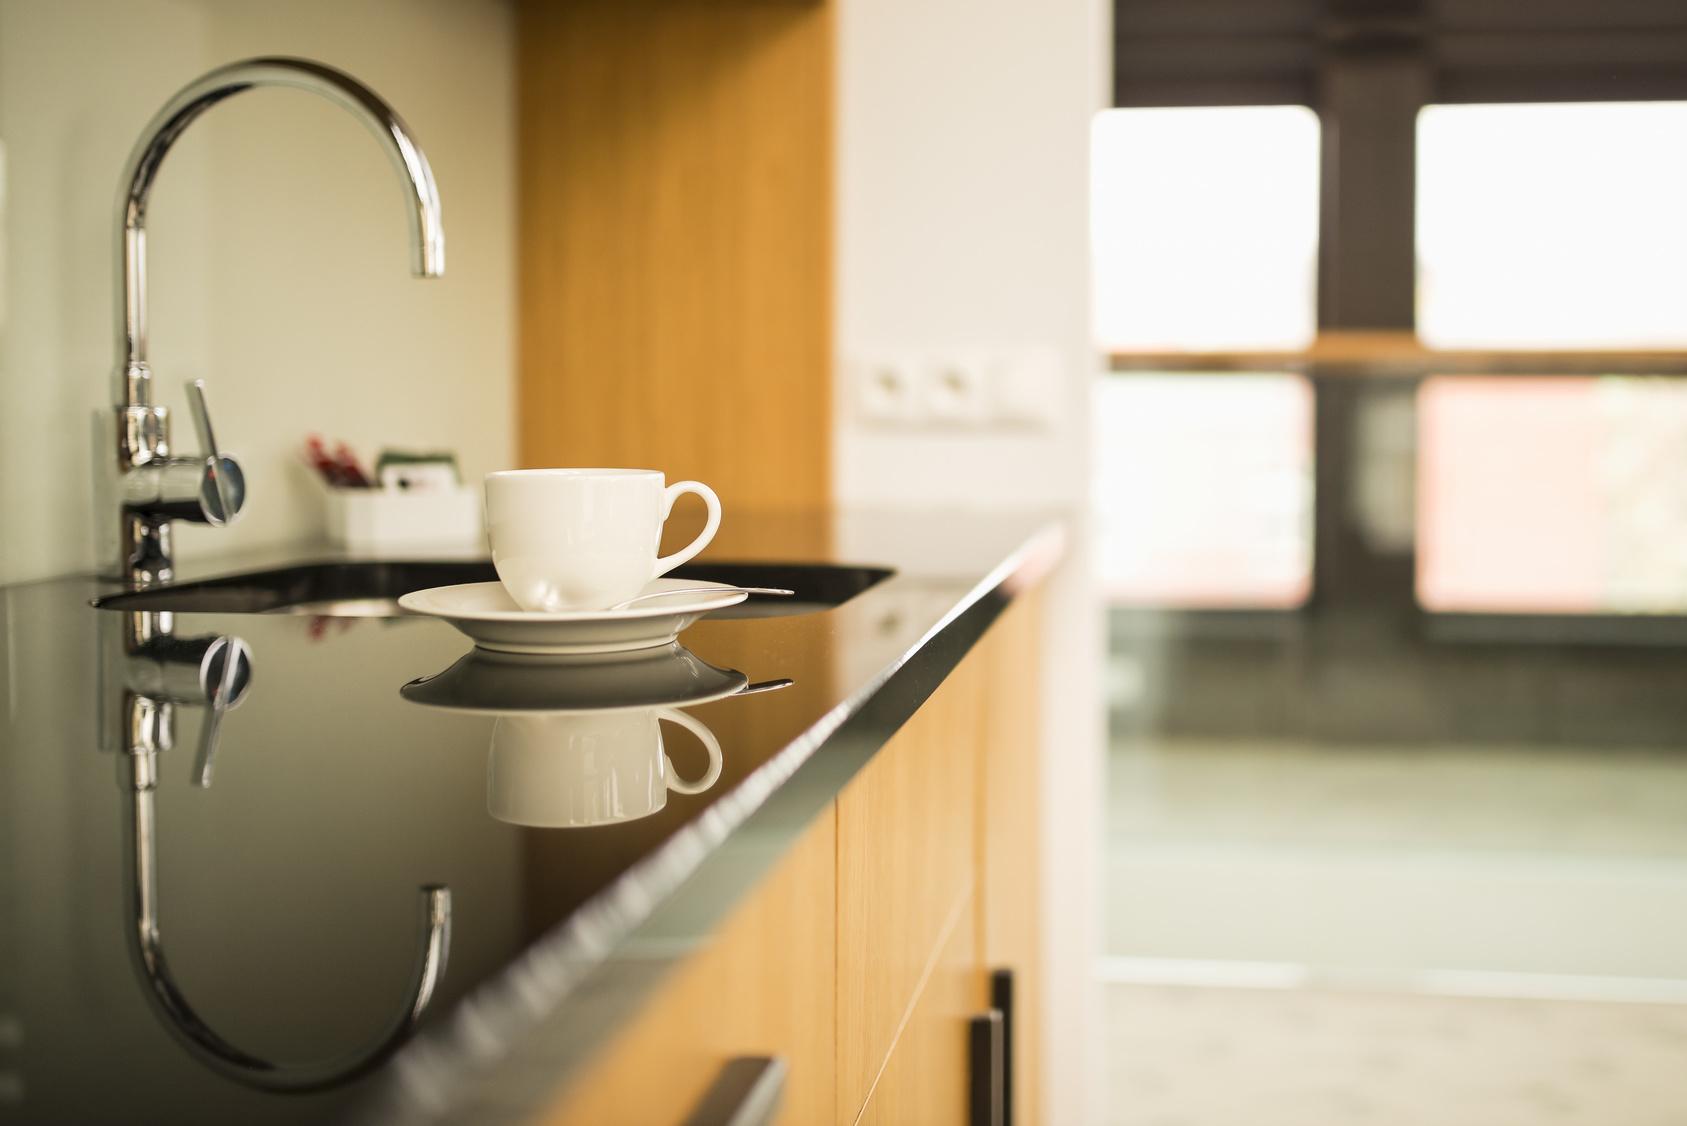 Full Size of Hochwertige Kchenzeilen Gnstig Online Kaufen Lidlde Miniküche Mit Kühlschrank Gebrauchte Küche Einbauküche Fenster Edelstahlküche Gebraucht Verkaufen Wohnzimmer Miniküche Gebraucht